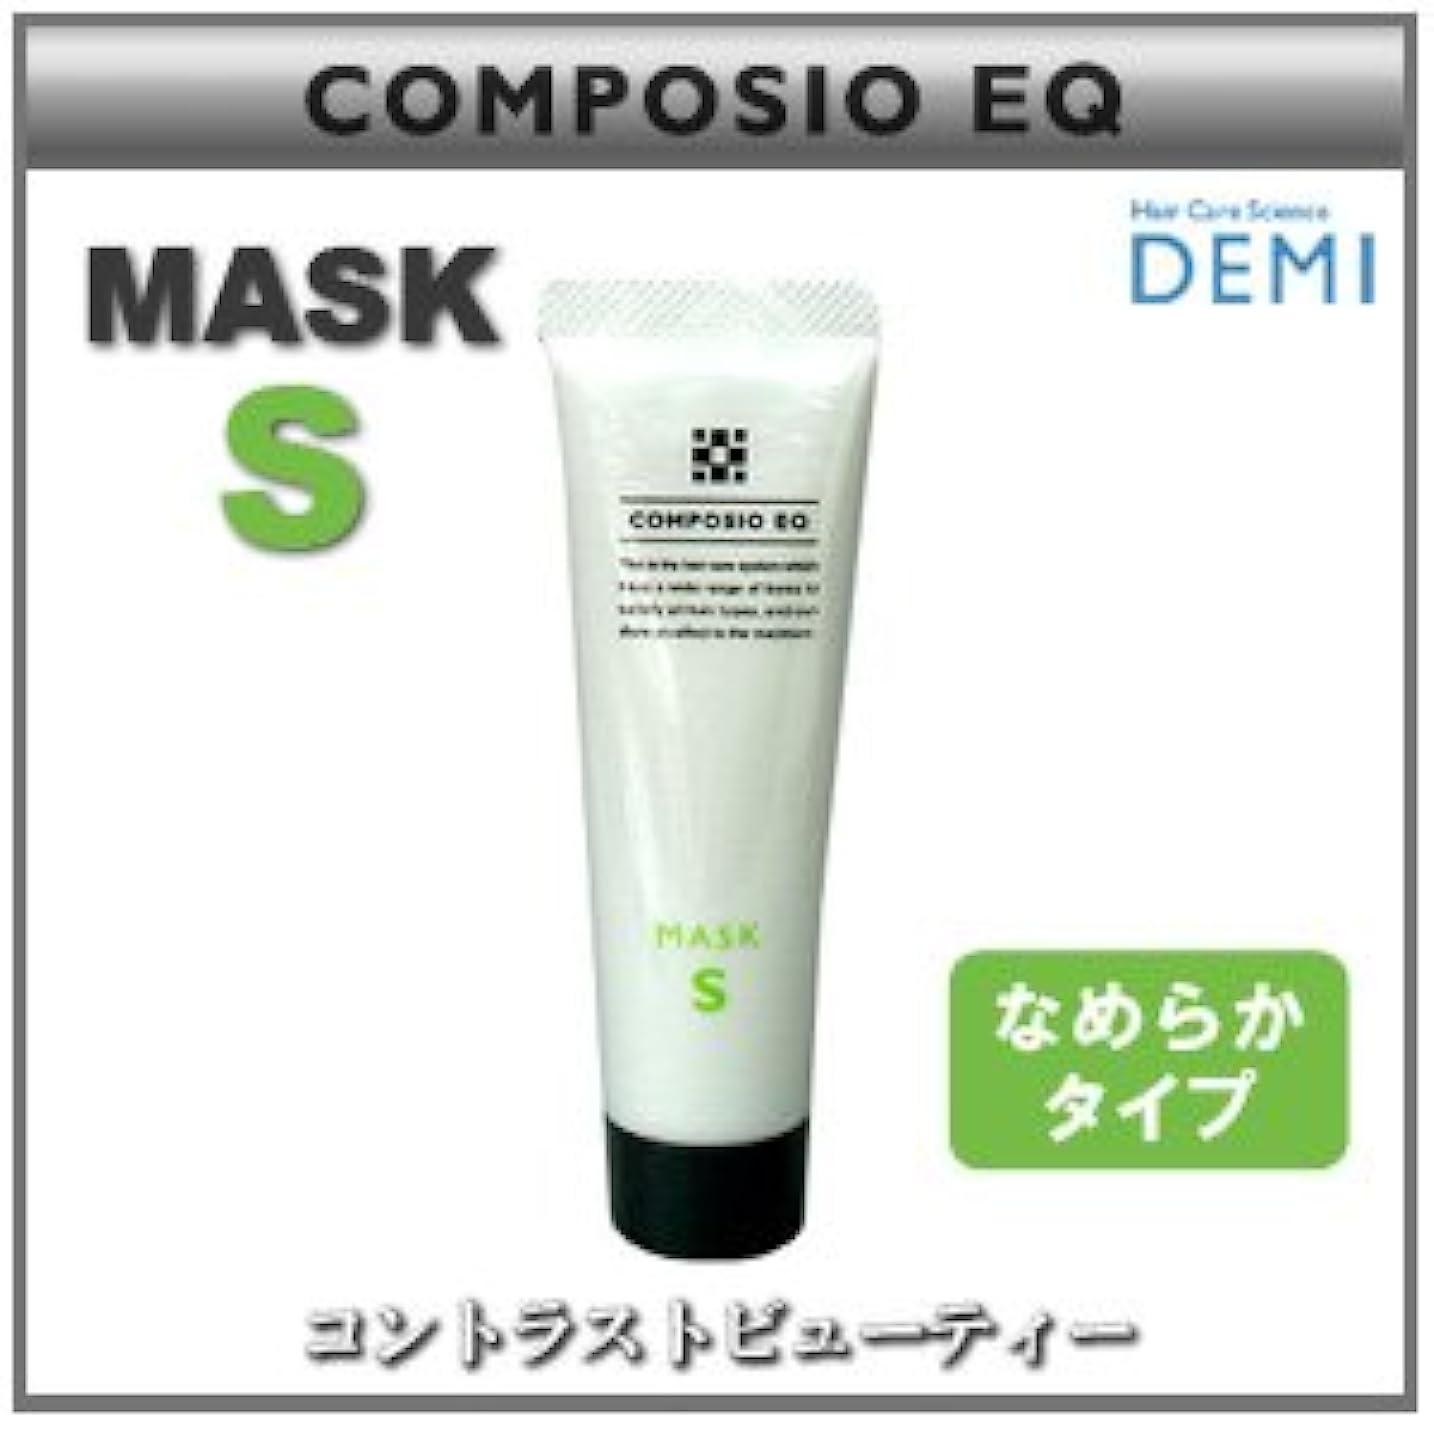 【X3個セット】 デミ コンポジオ EQ マスク S 50g